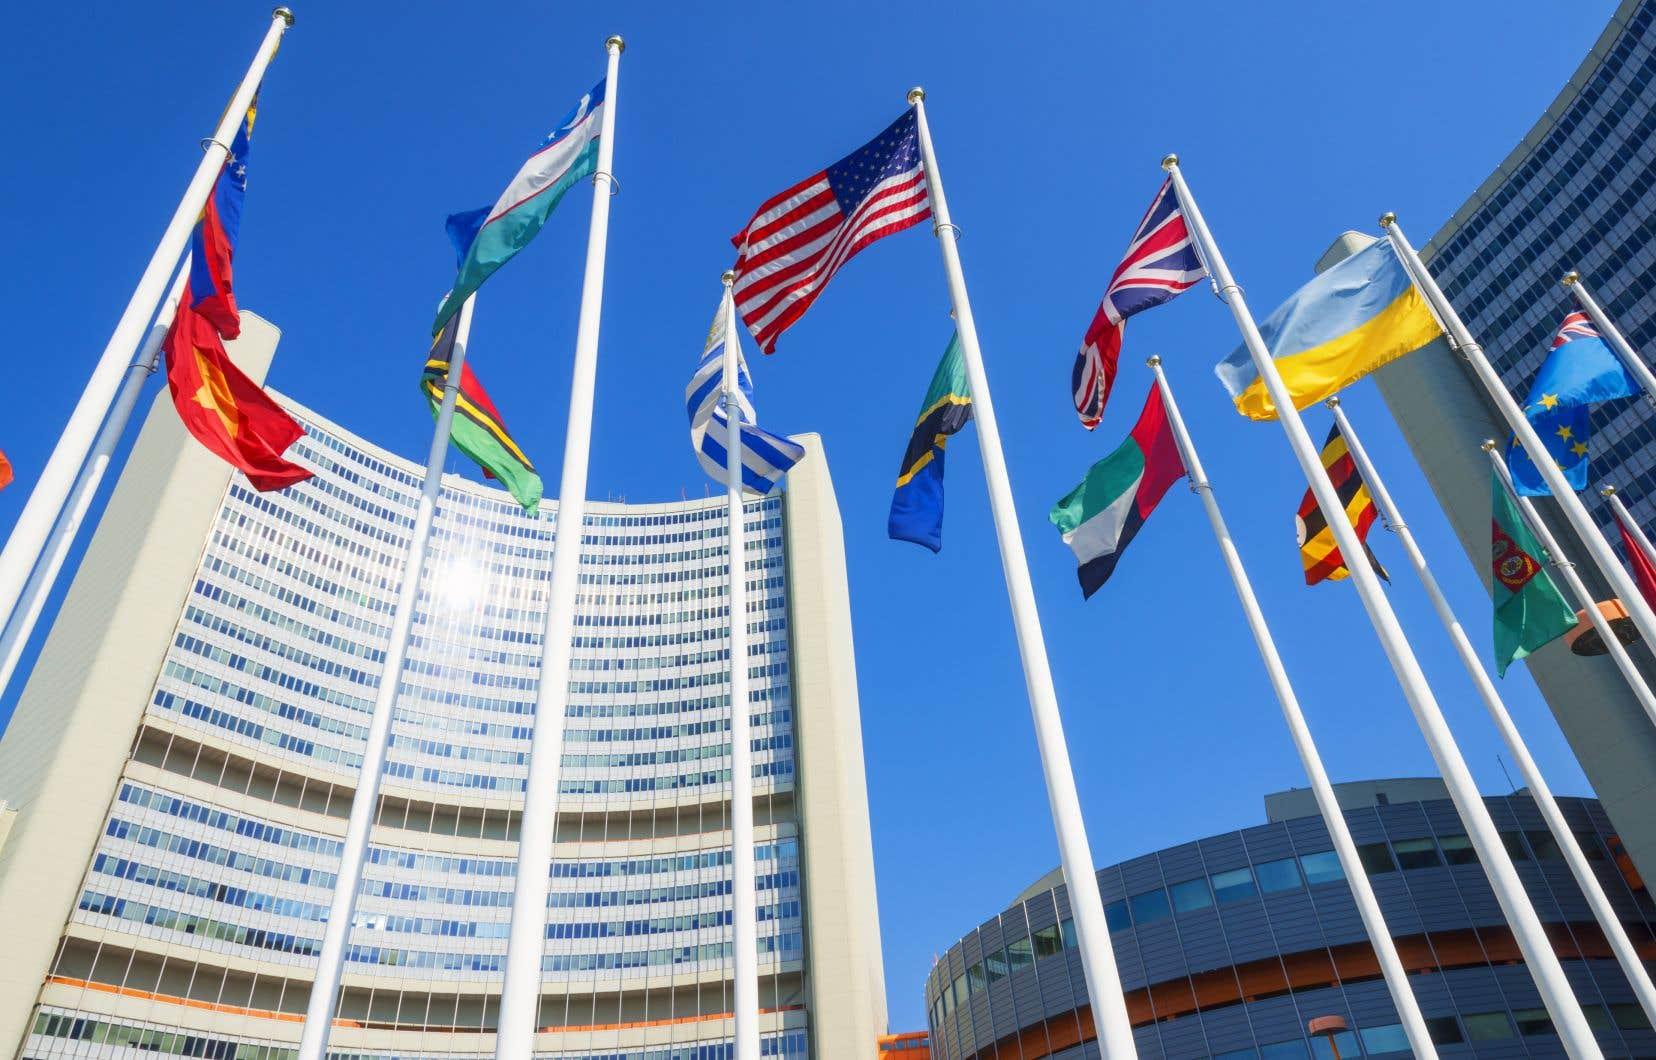 Pour espérer ne pas franchir le seuil de +1,5°C, il faudrait réduire chaque année les émissions de 7,6% en moyenne, entre 2020 et 2030, selon l'ONU.